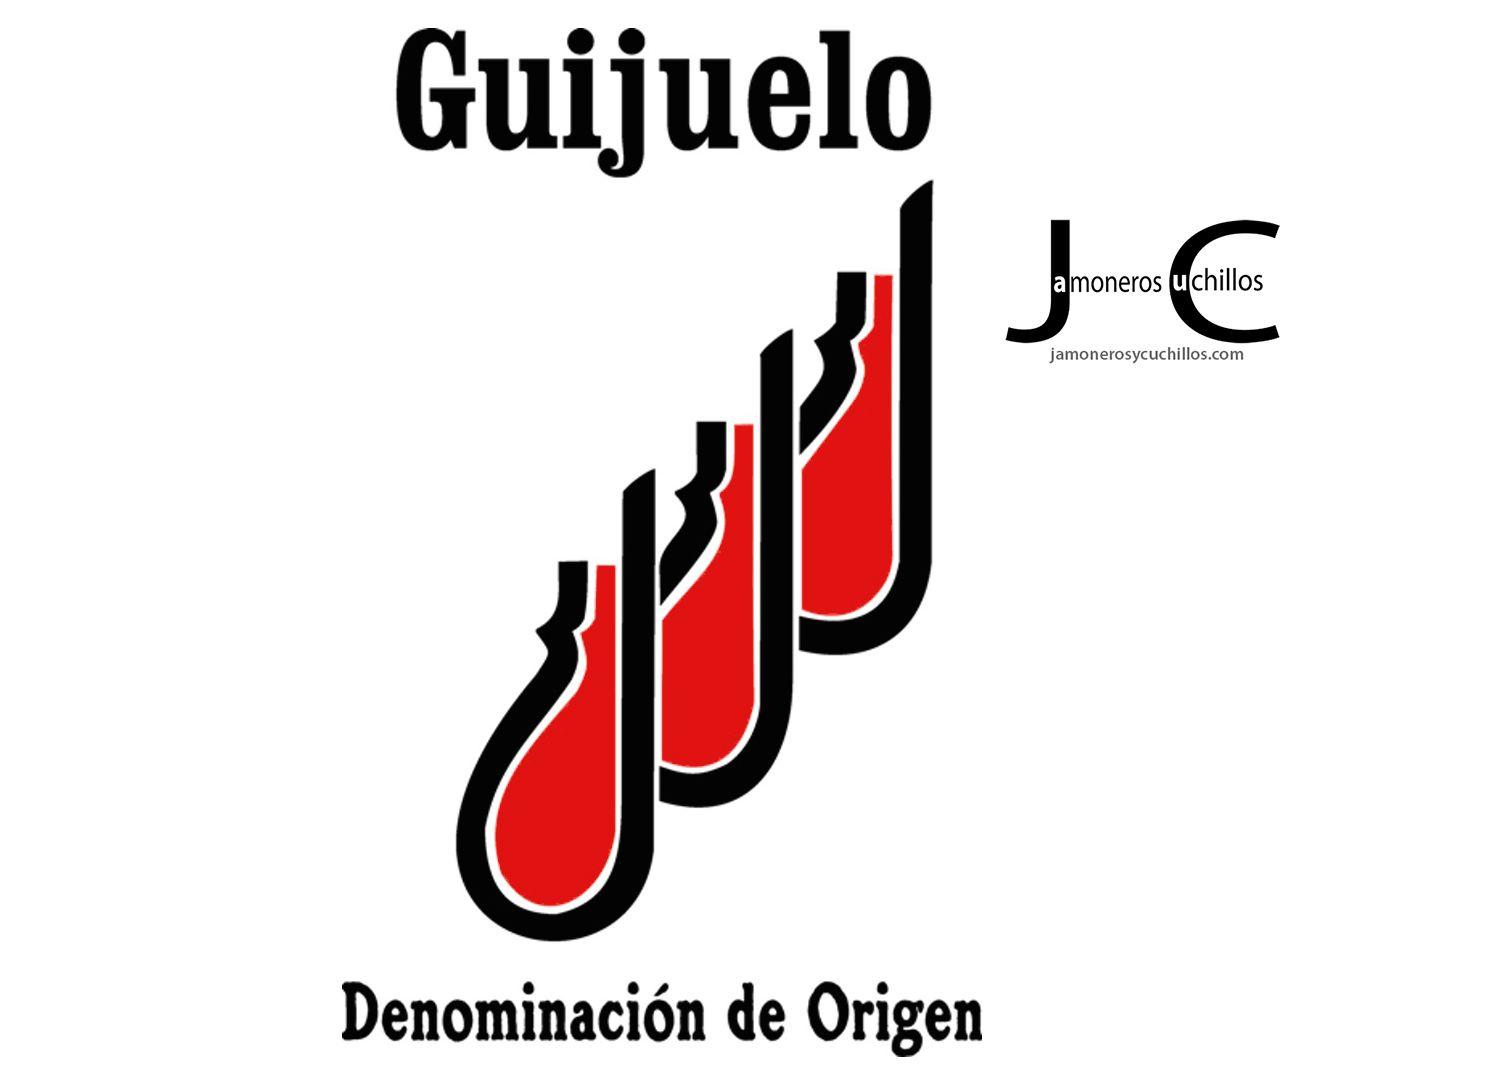 jamón ibérico de bellota Guijuelo denominación origen jamoneros y cuchillos